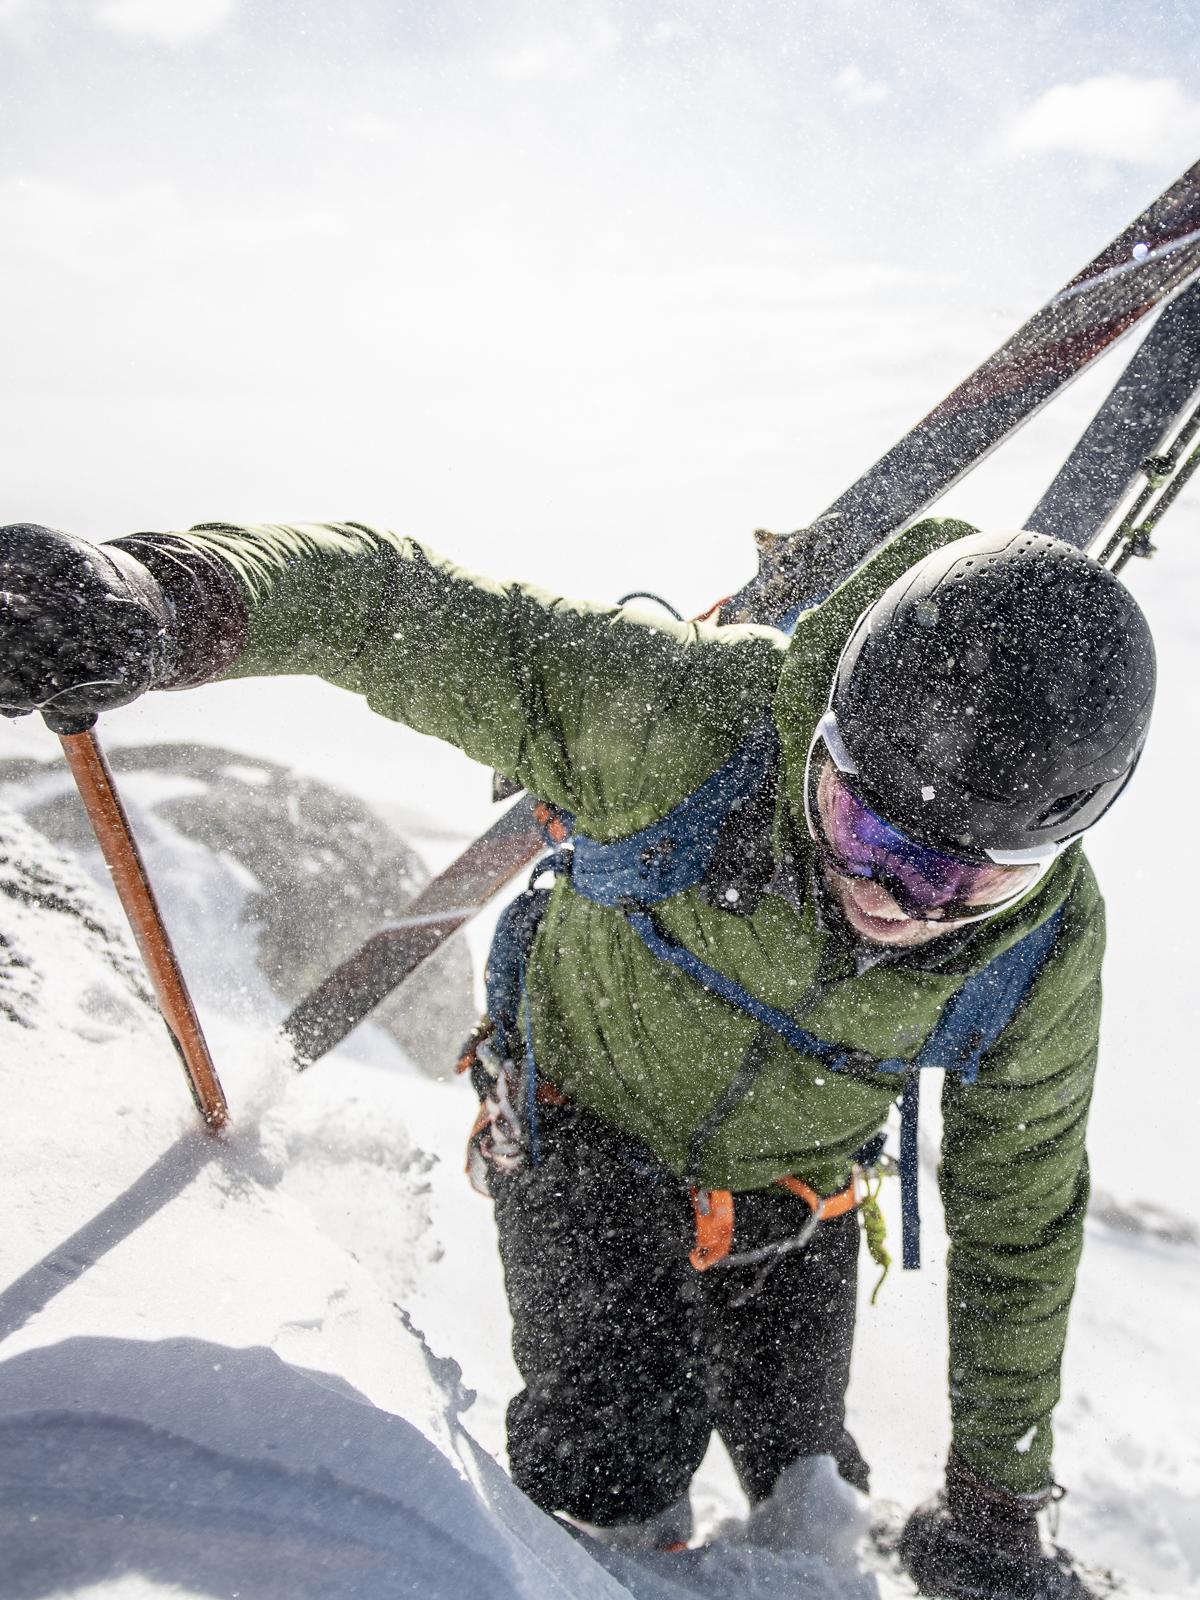 Ascender ski-mountaineering helmet